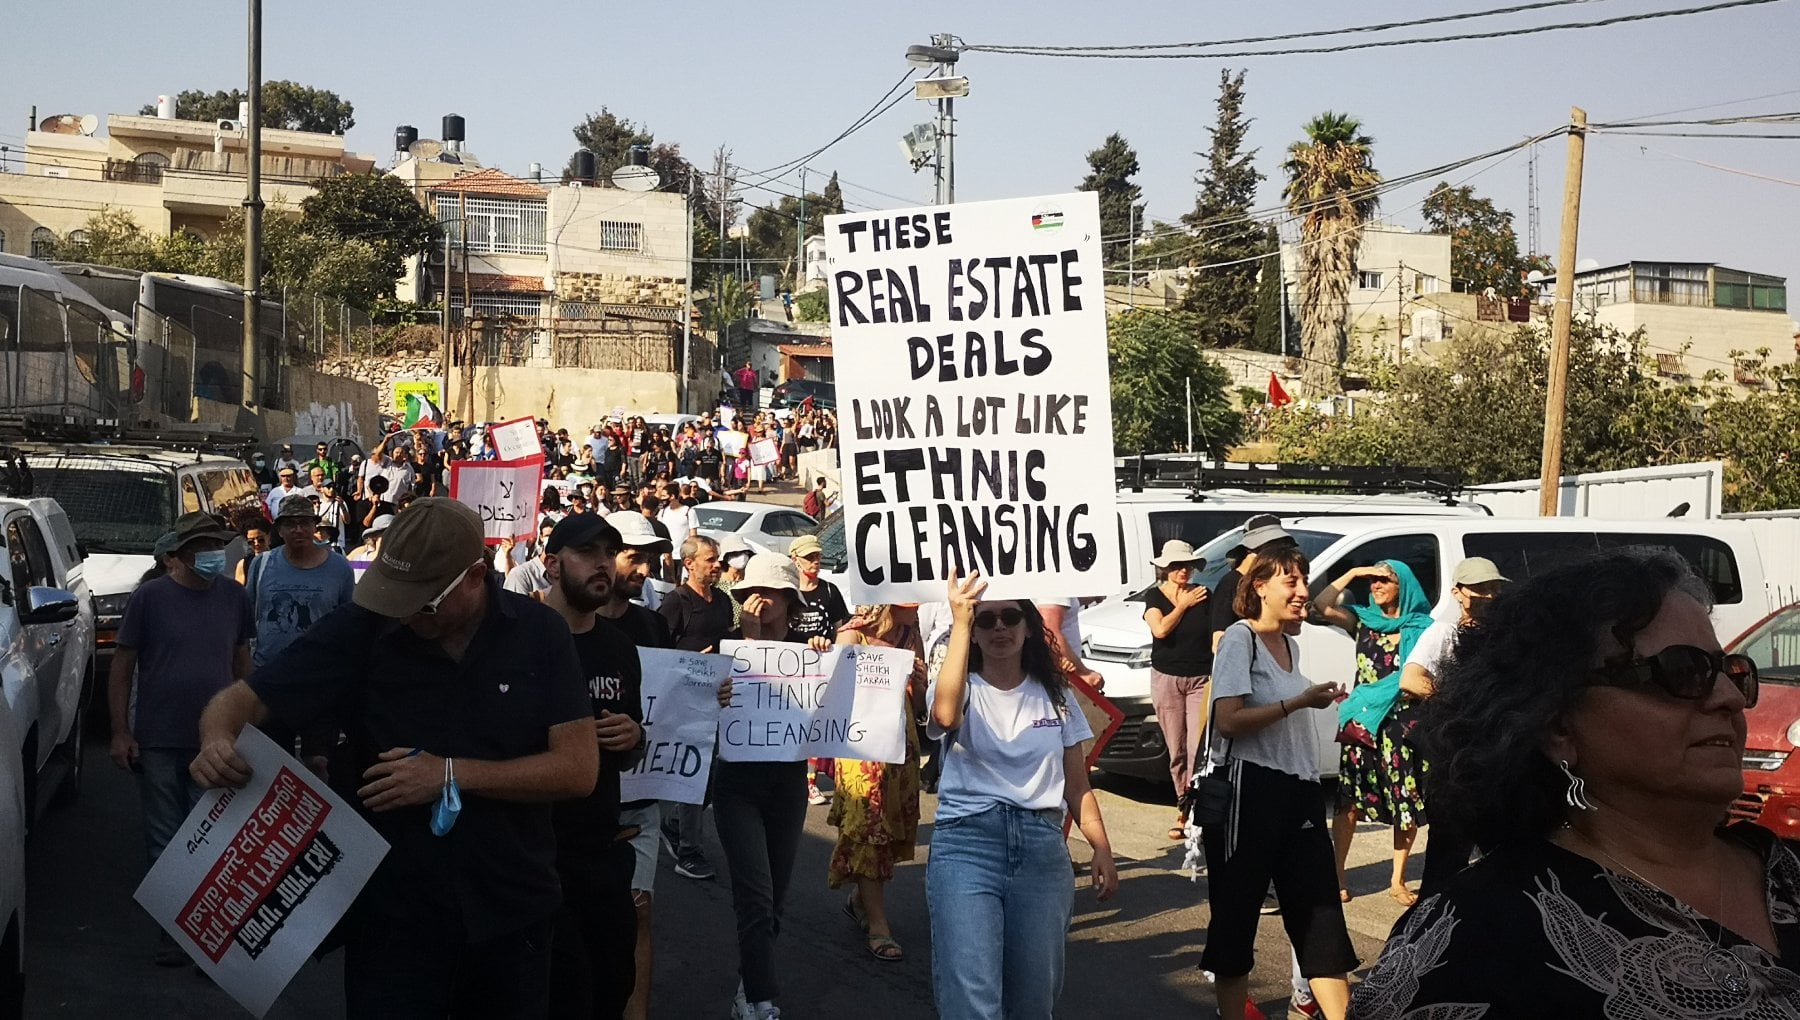 182251501 f8921a7c 000b 449b 990a a82f6ddcf405 - Sheikh Jarrah, la Corte suprema israeliana rinvia la decisione: un'altra settimana per cercare un accordo